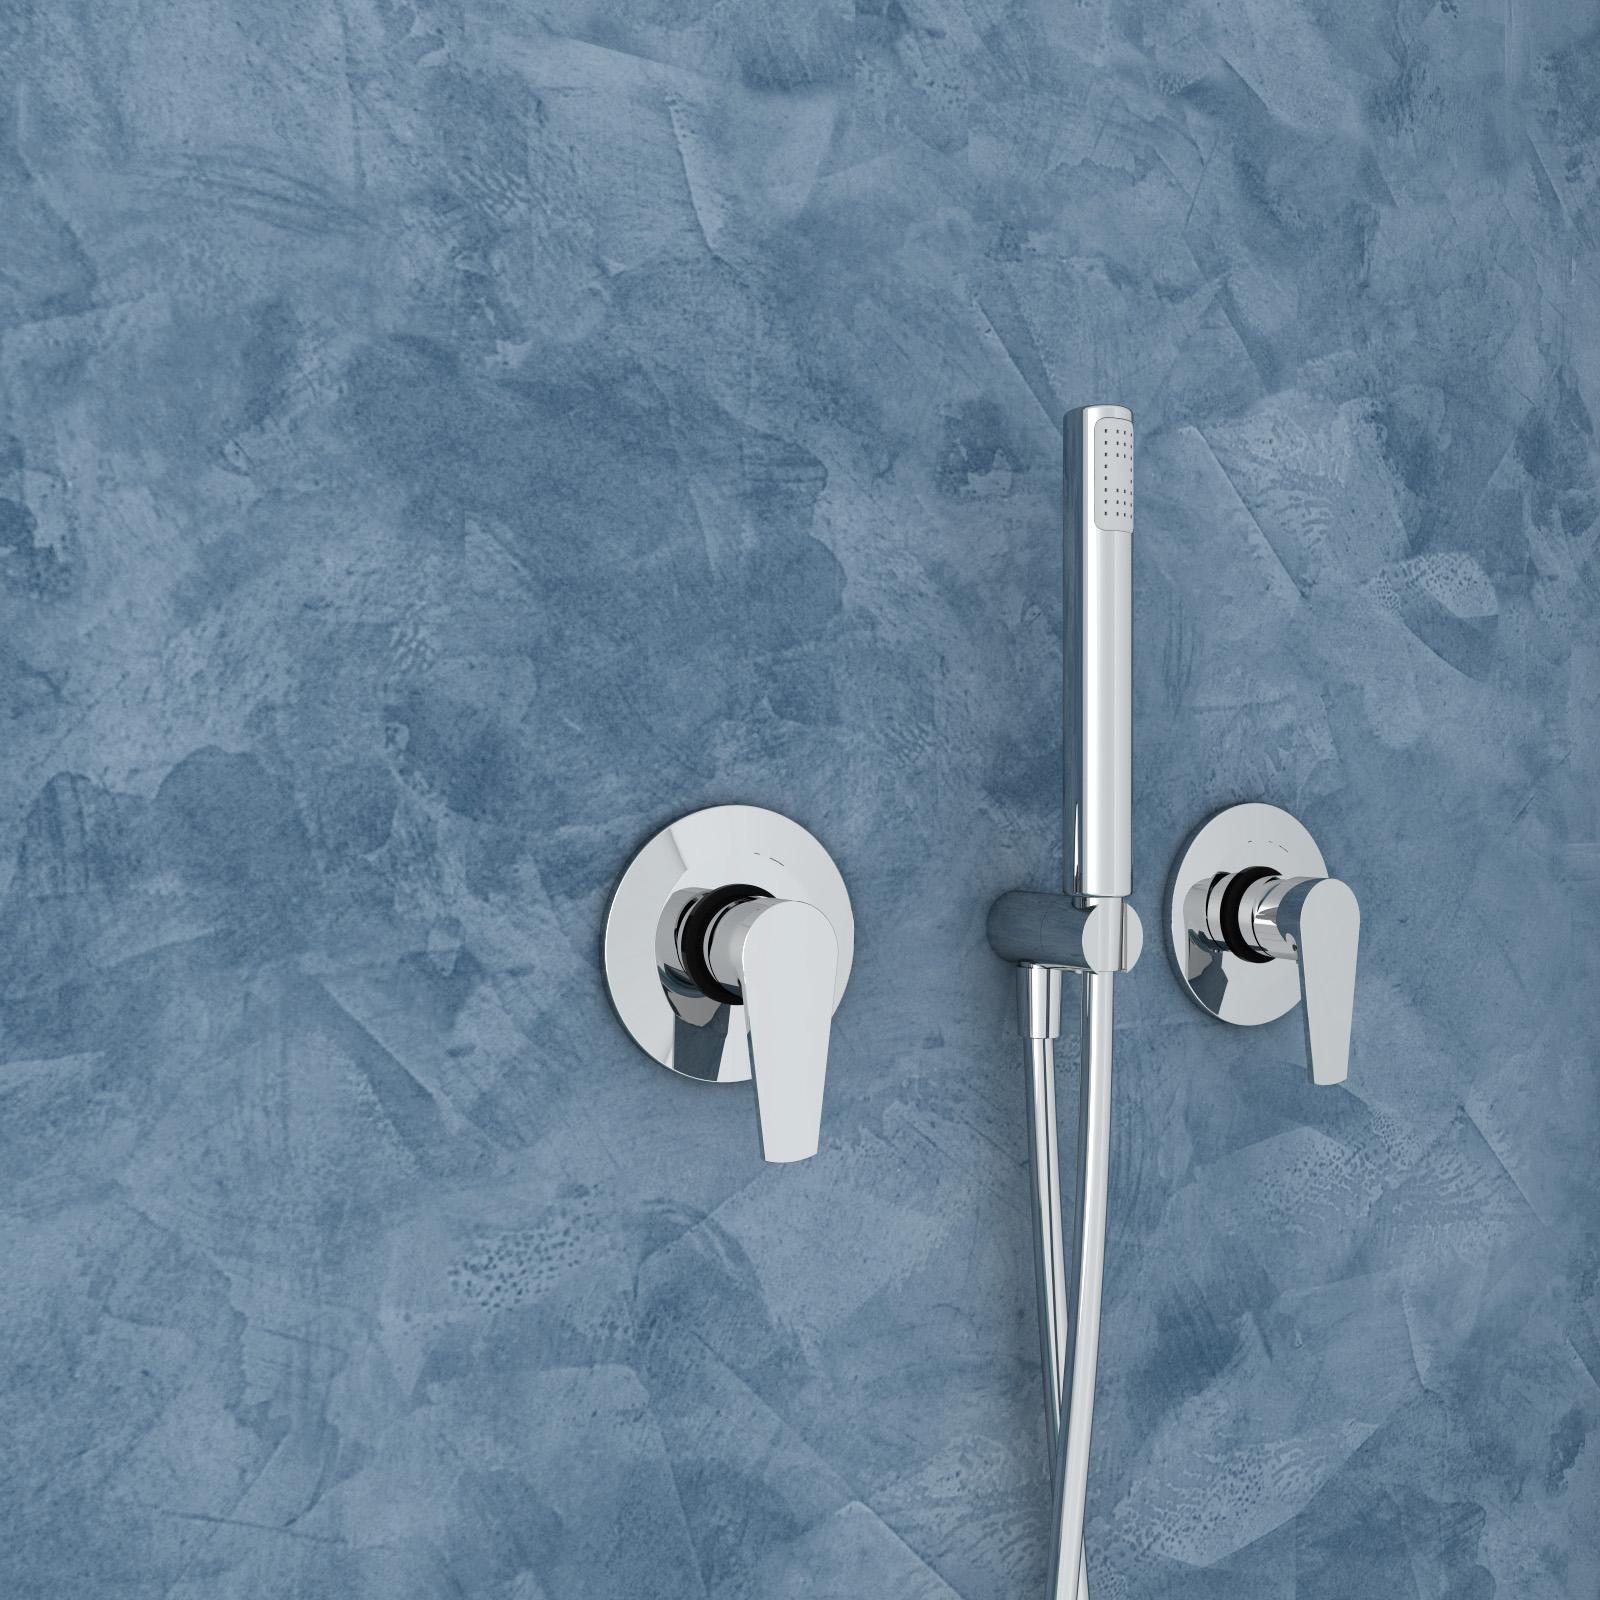 dusch set king hebel unterputz mit eingebautem duschkopf aus edelstahl 330x480mm und. Black Bedroom Furniture Sets. Home Design Ideas